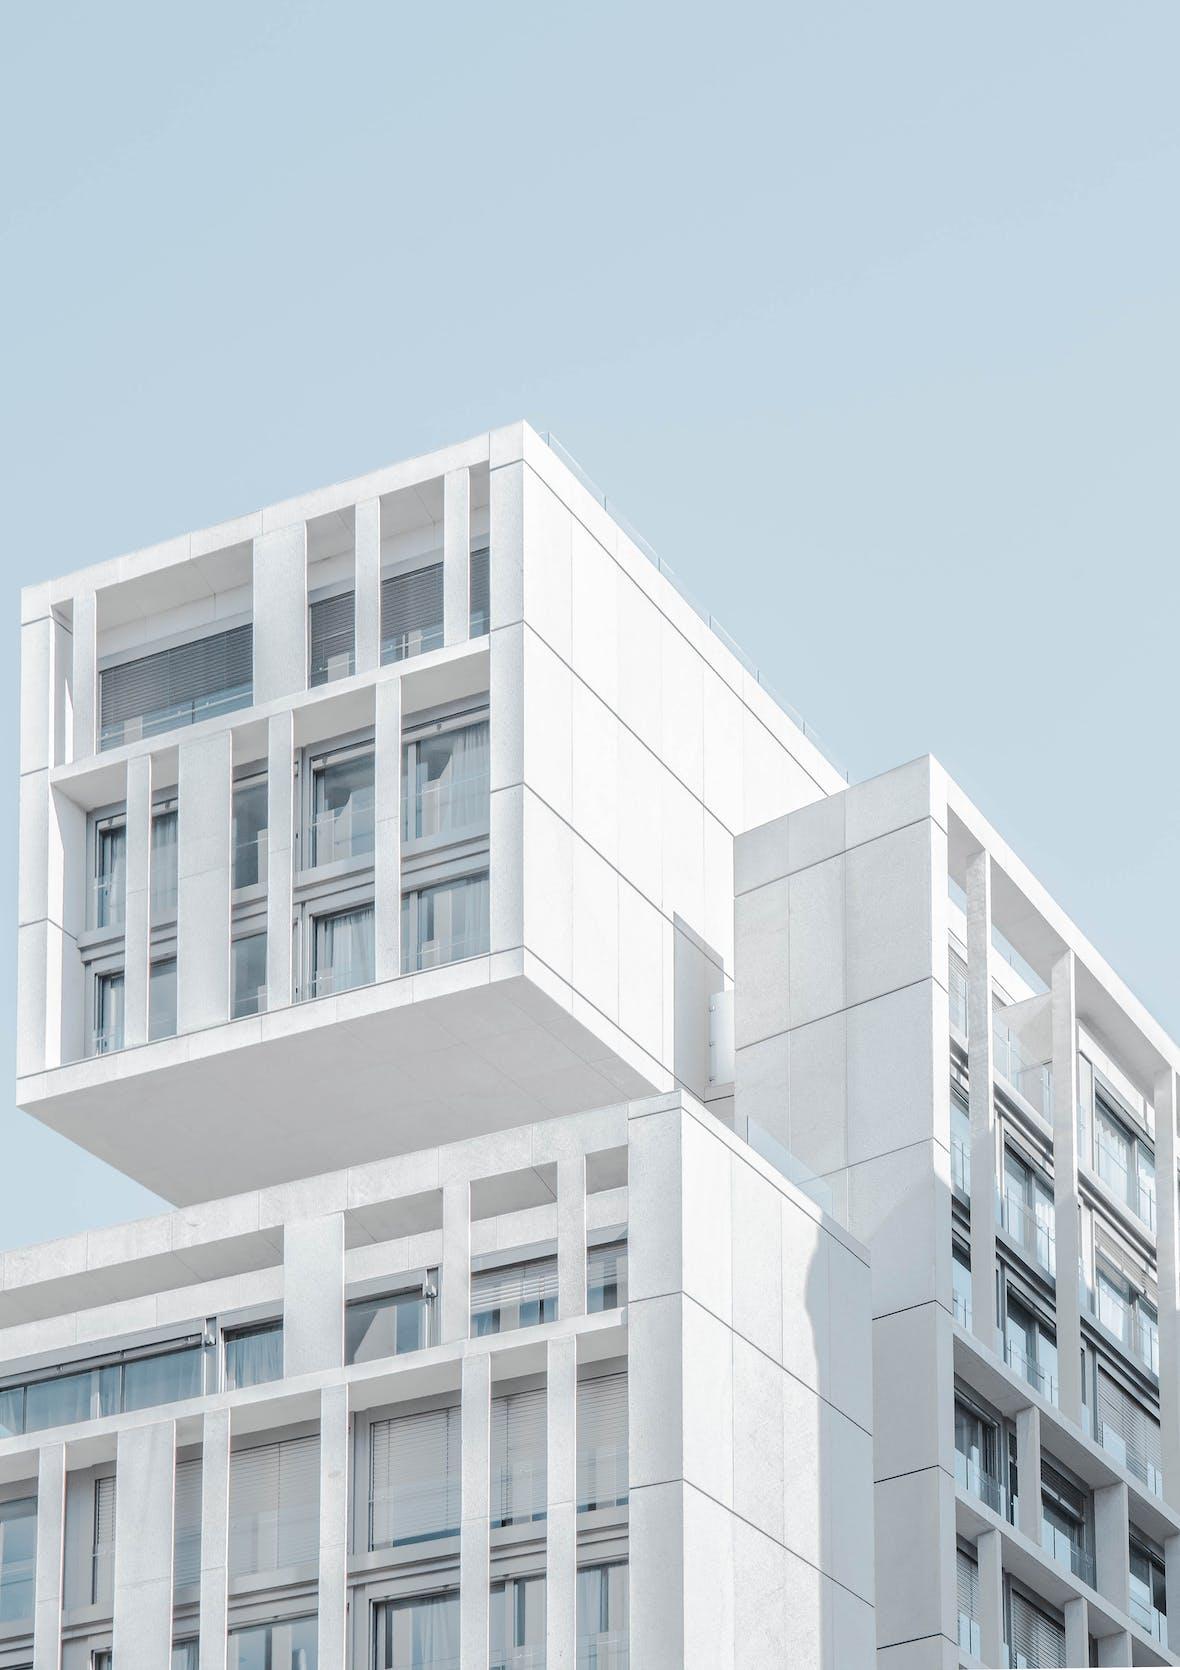 Offene Immobilienfonds: Corona-immun oder Spätinfizierer?